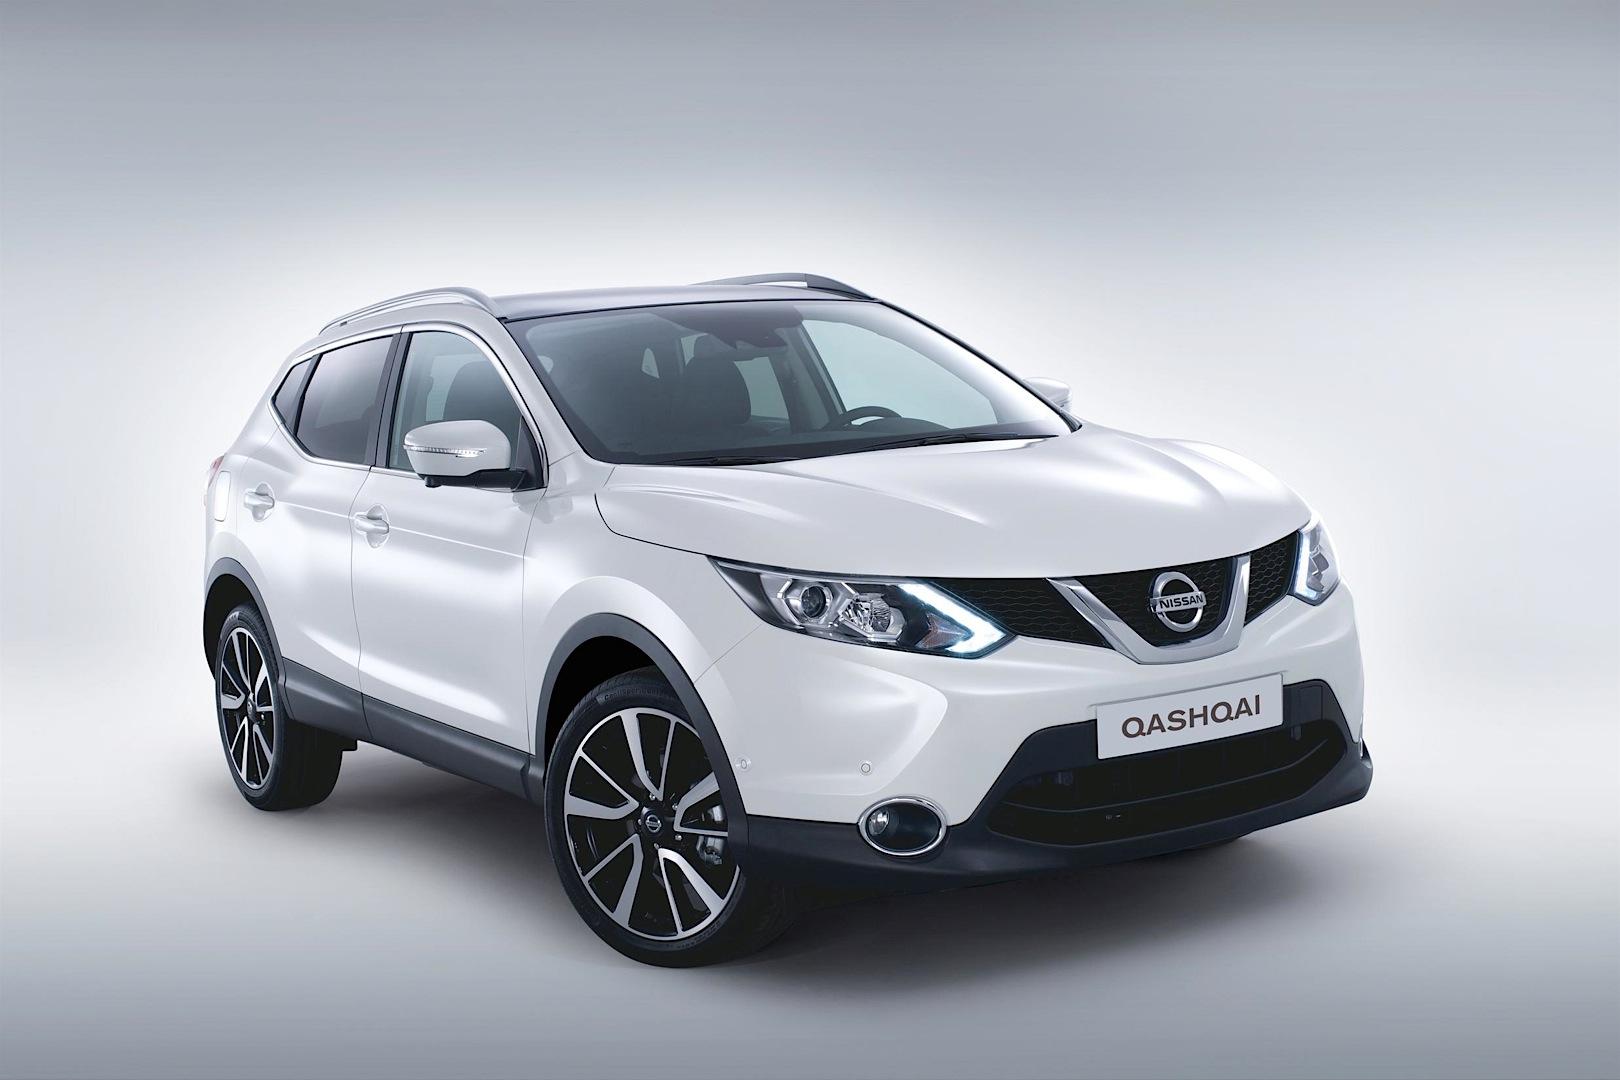 Nissan-Qashqai-2014-08.jpg